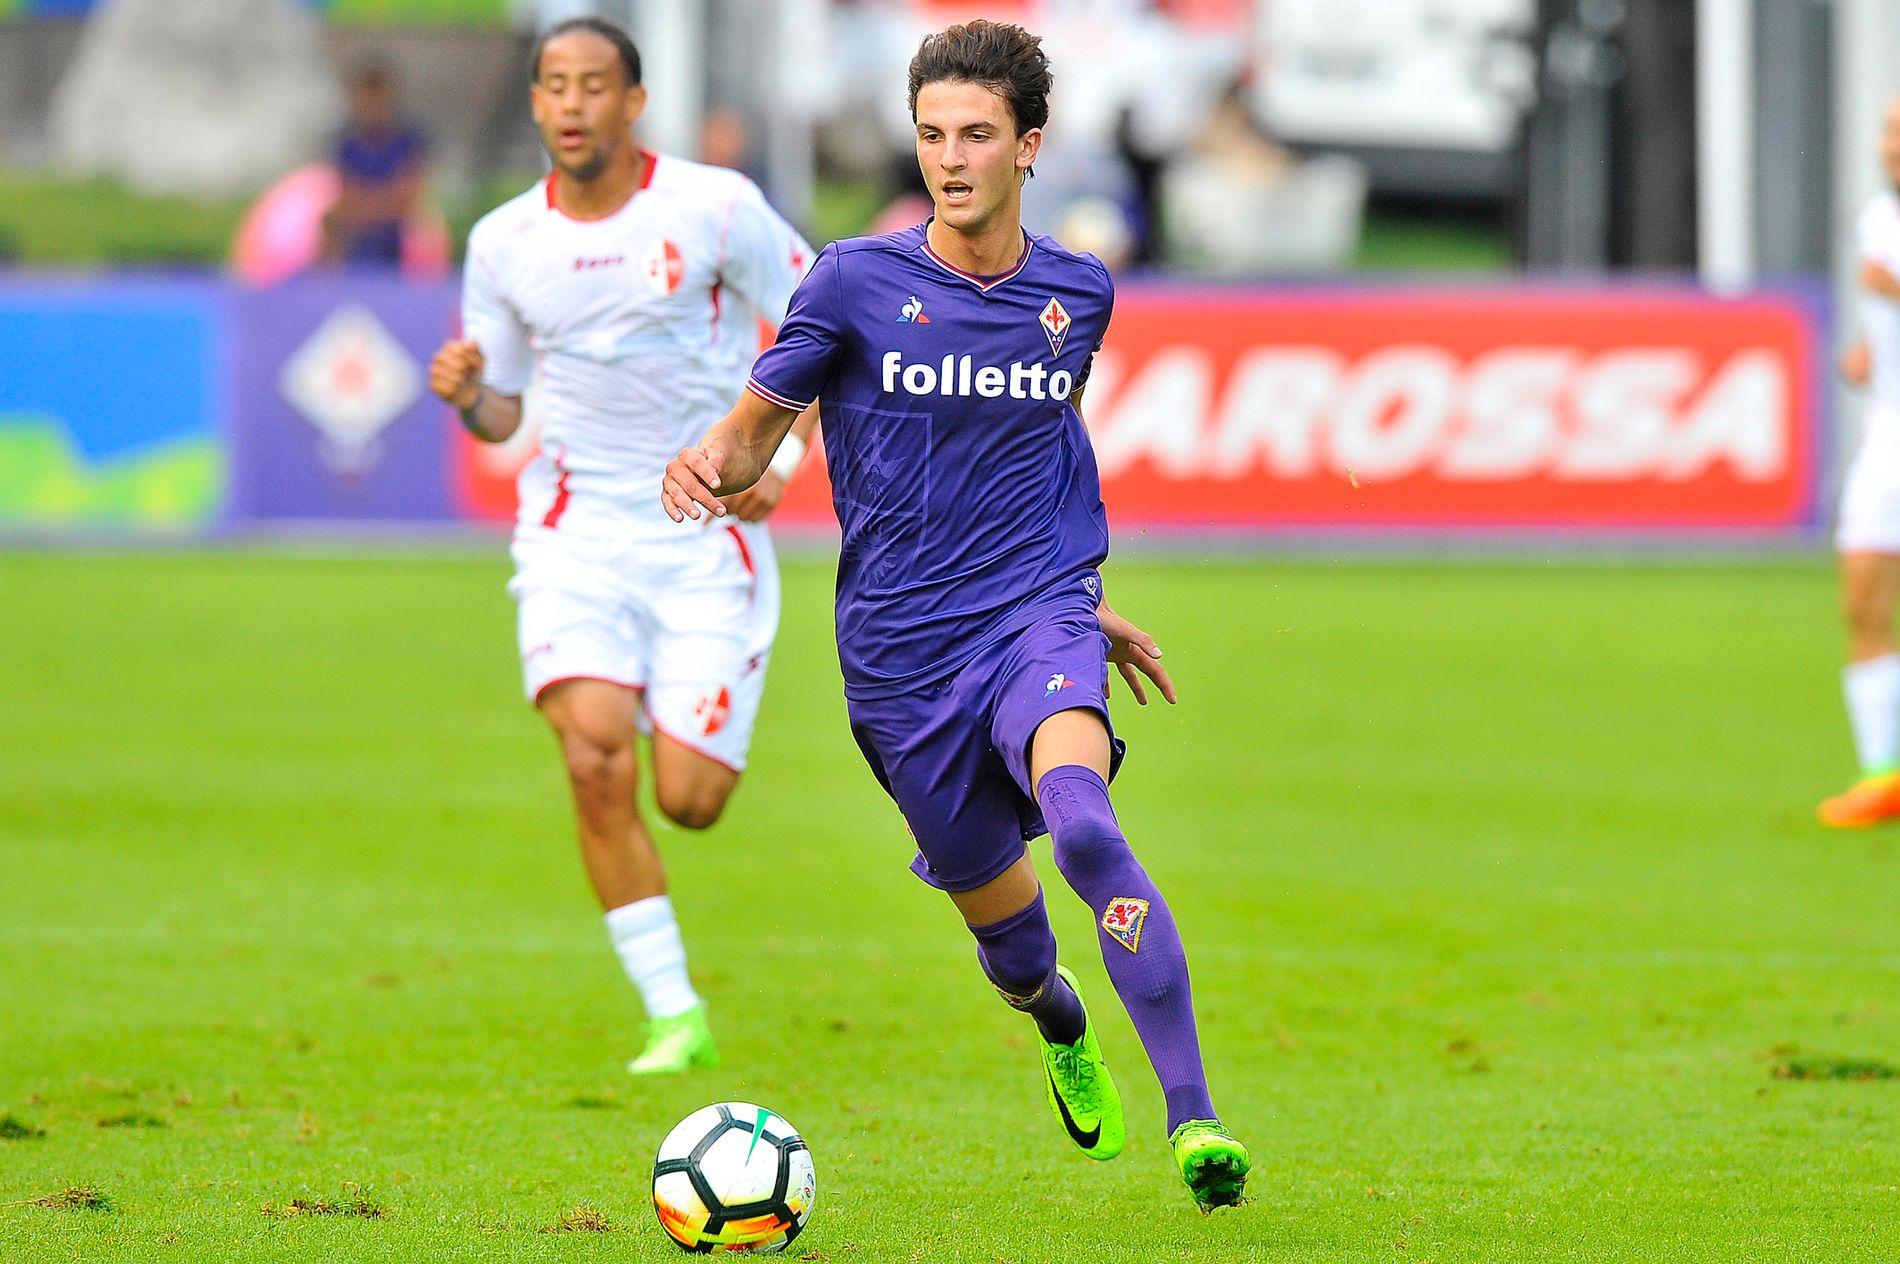 I FARTA: Rafik Zekhnini har fått en god start på sitt Fiorentina-eventyr. Her i aksjon mot Bari lørdag kveld. Foto: GIACO MOMORINI